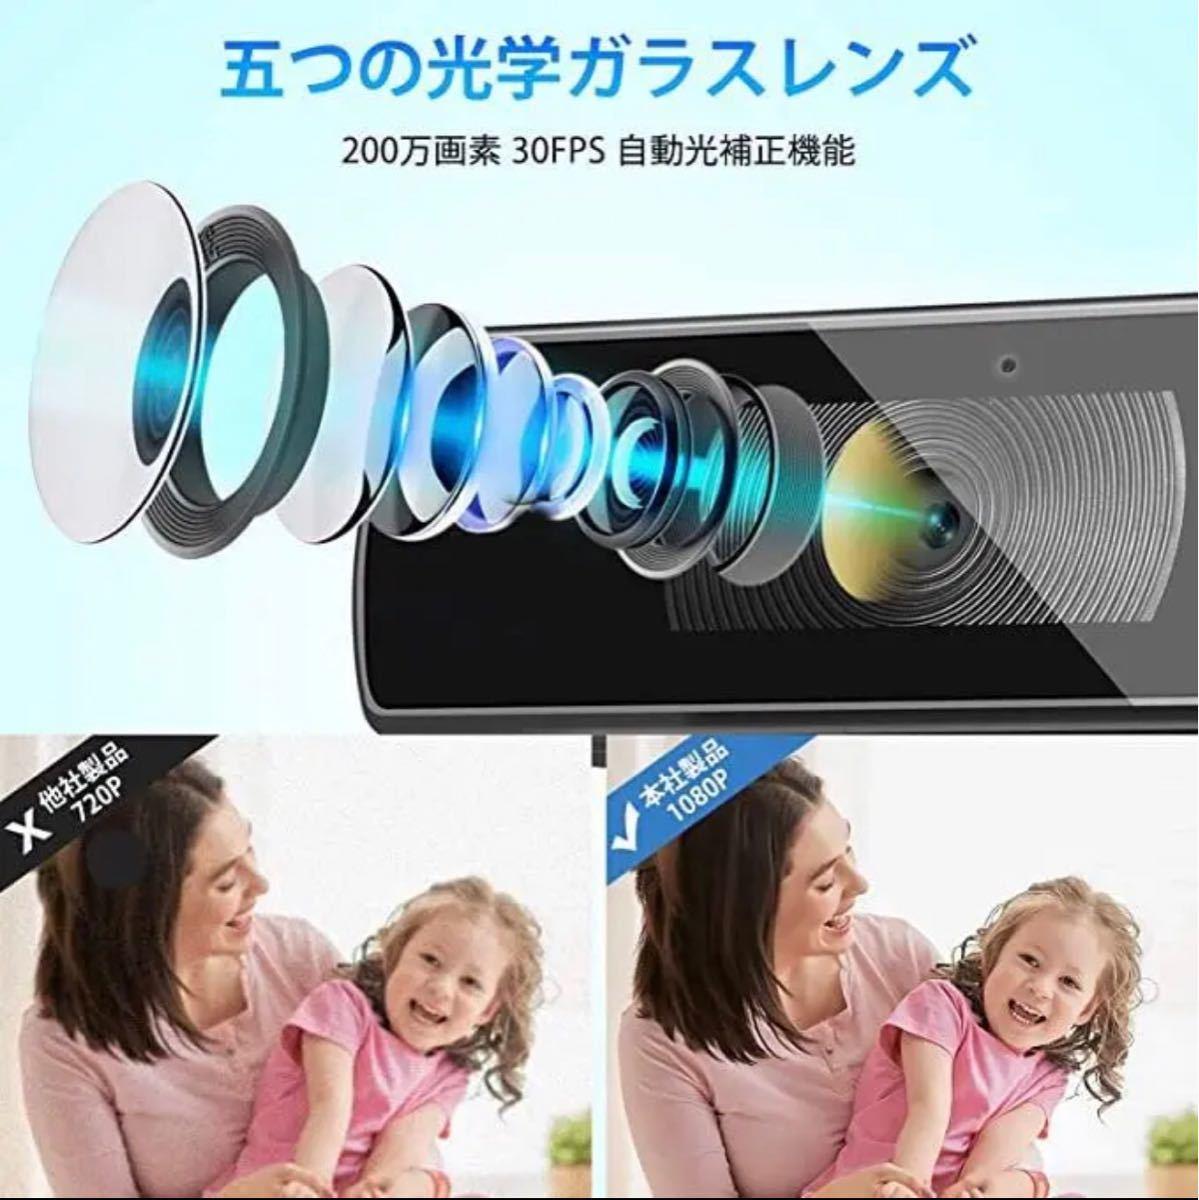 ウェブカメラ Webカメラ マイク内蔵 フルHD 1080P 200万画素